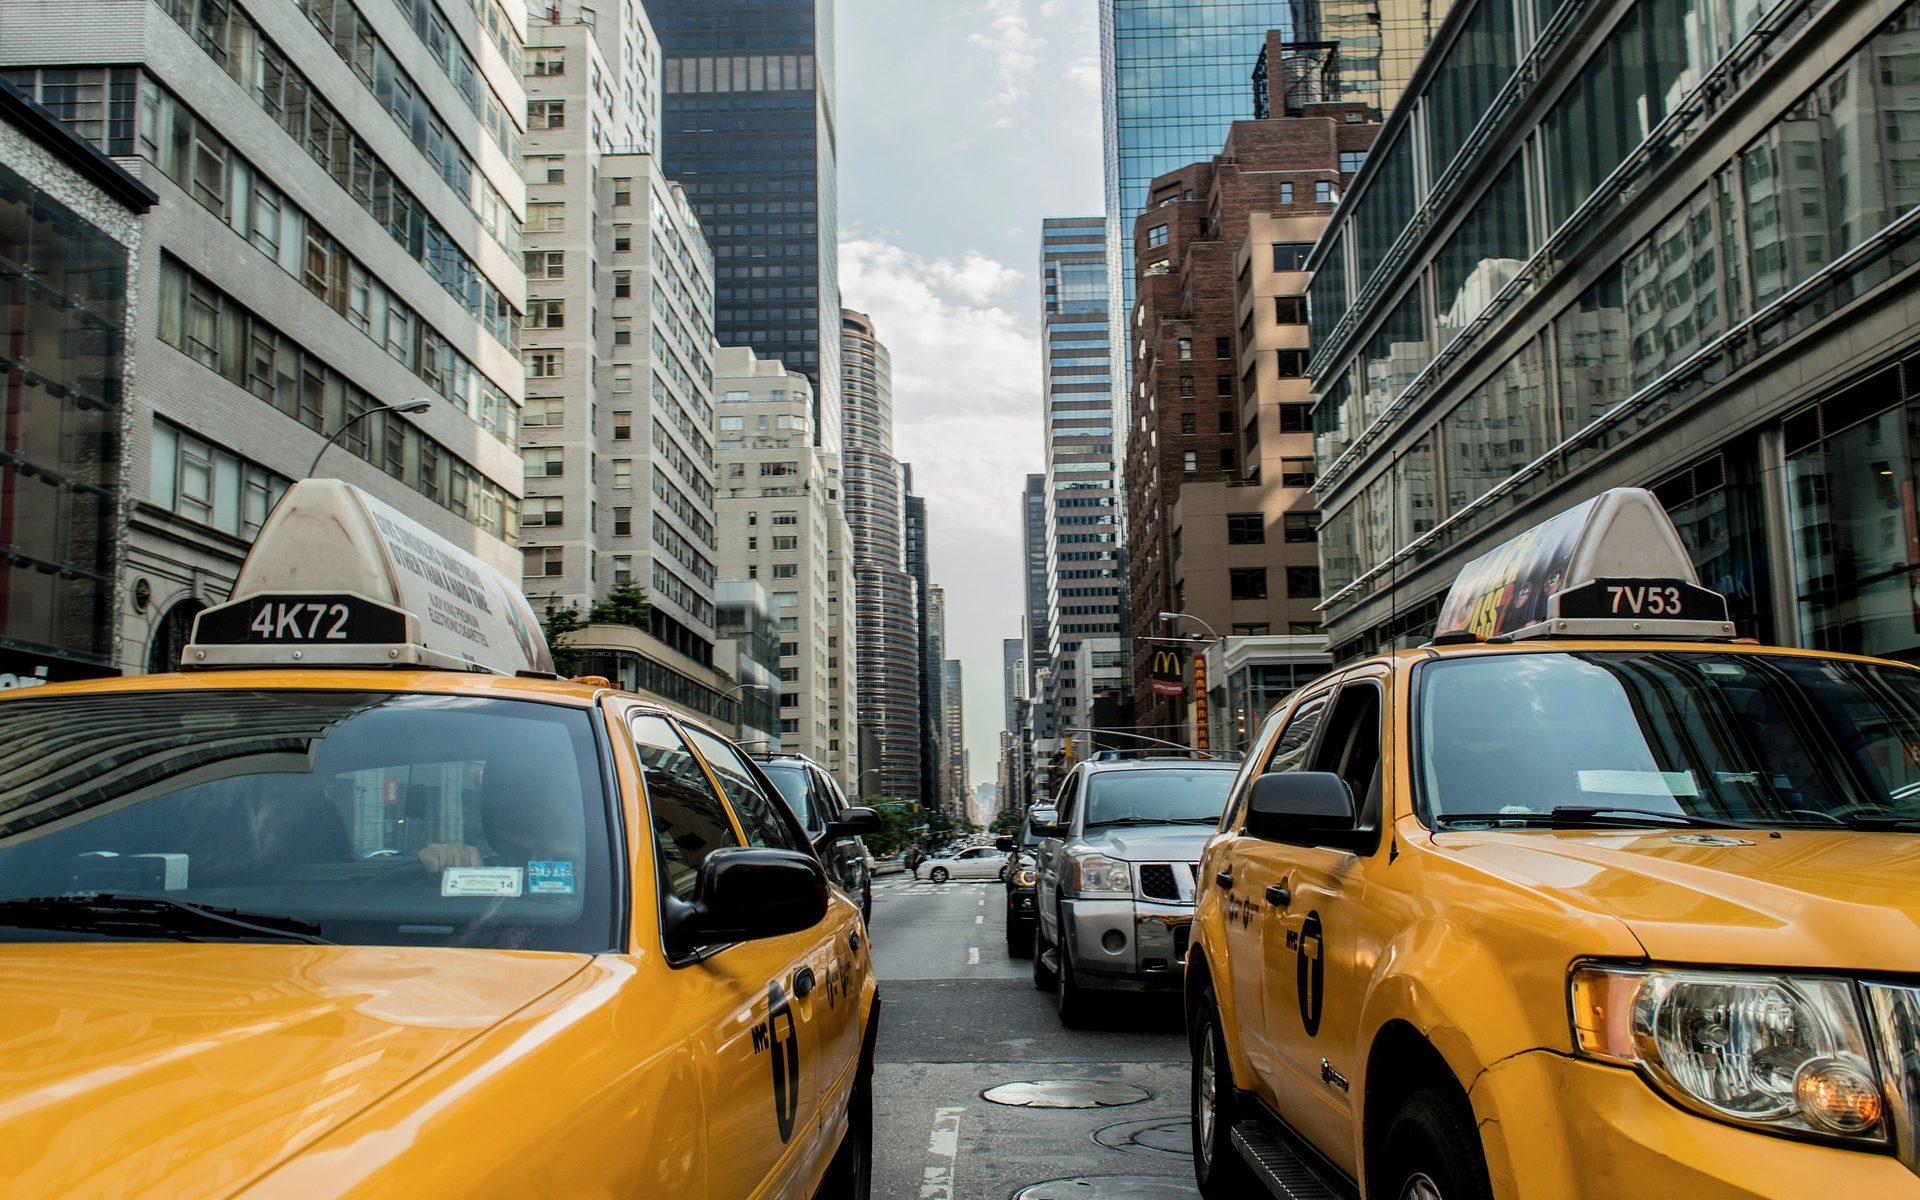 ESAPA Taxi